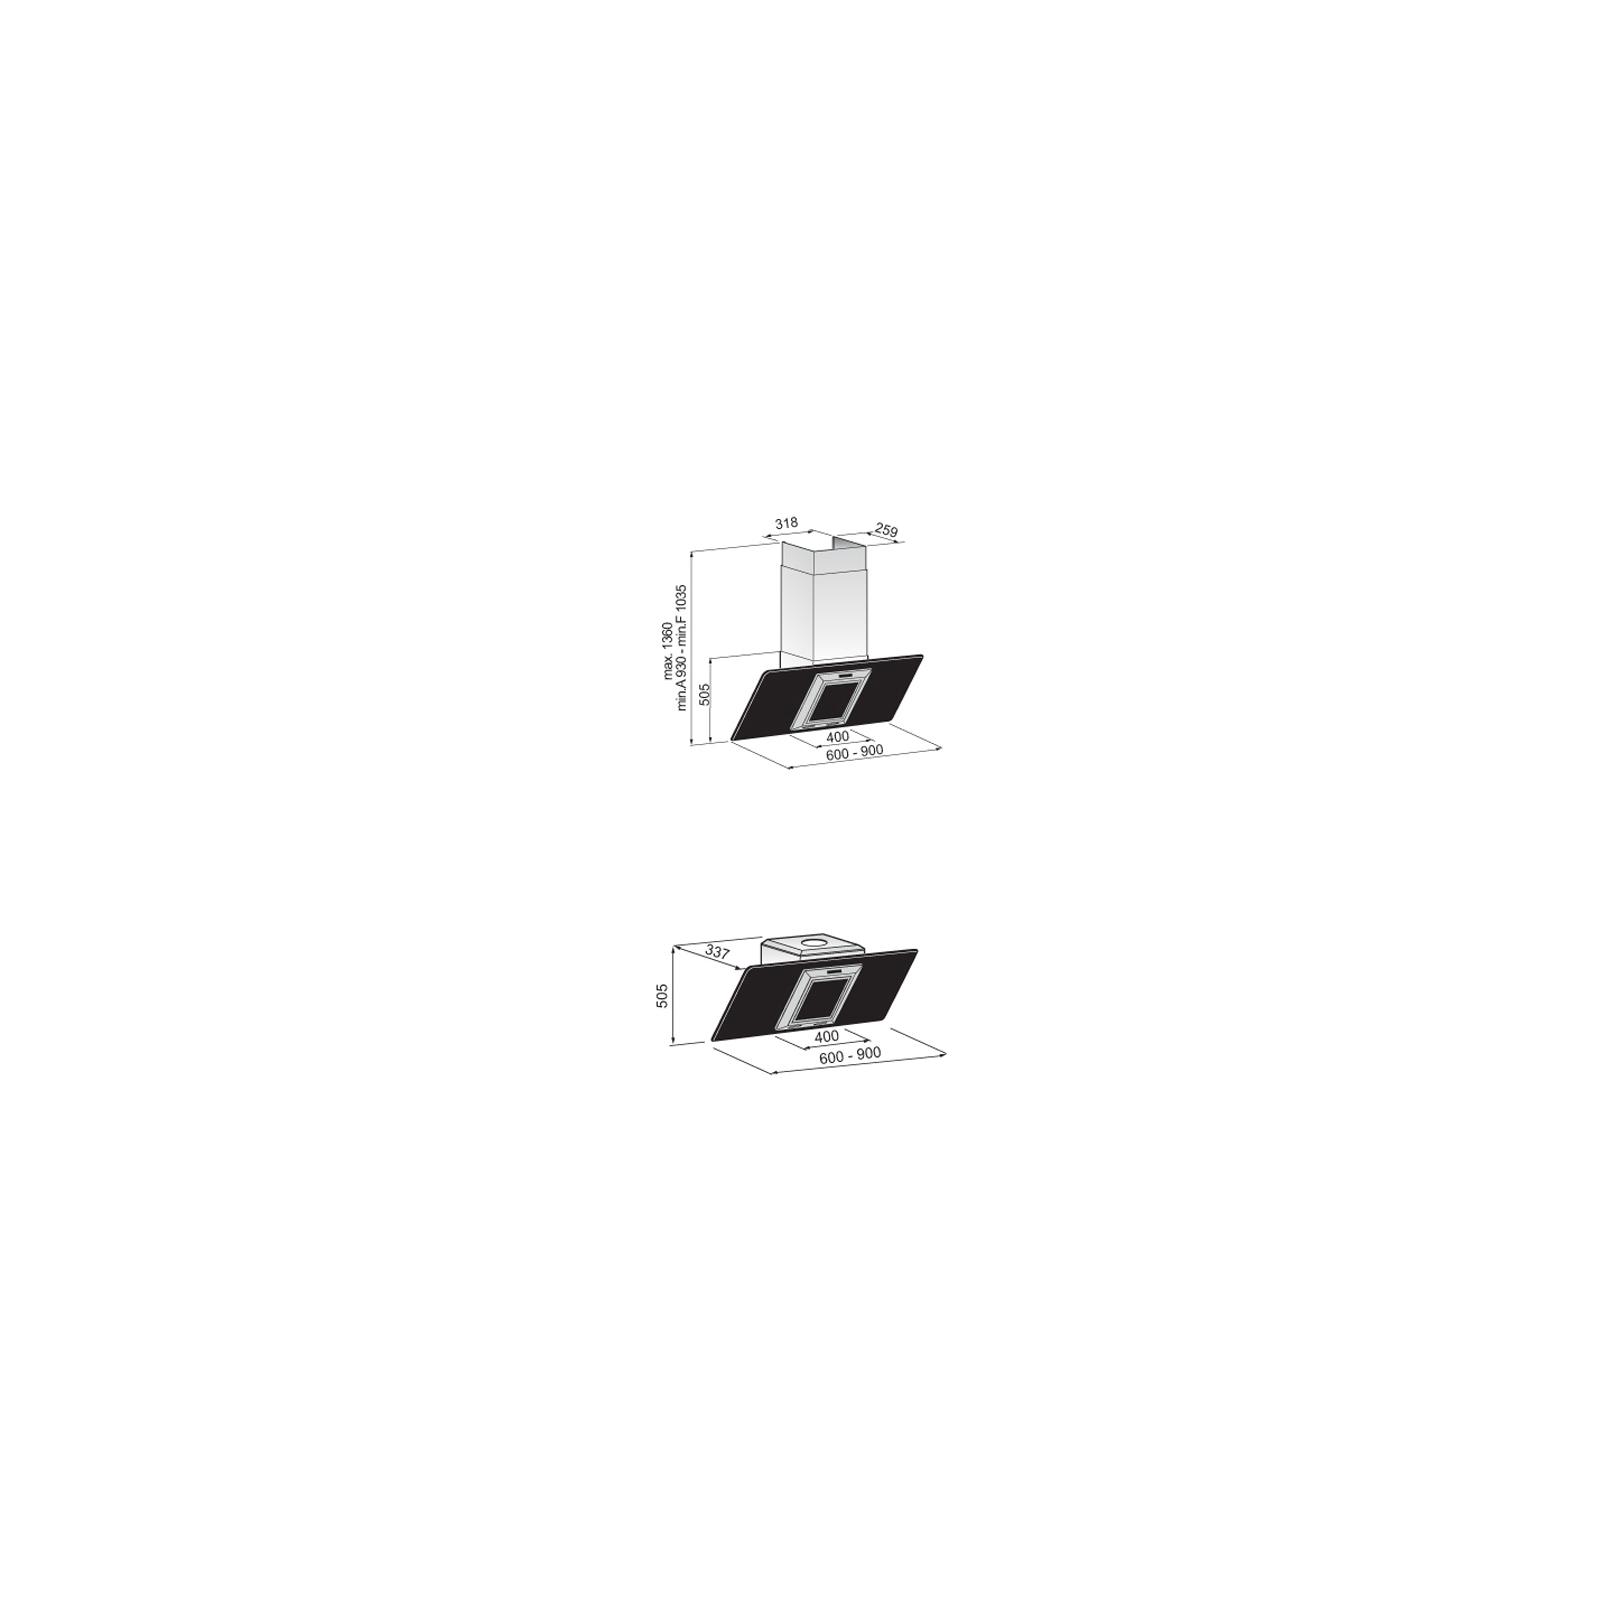 Вытяжка кухонная Zirtal PANDA ST 90 WH изображение 2